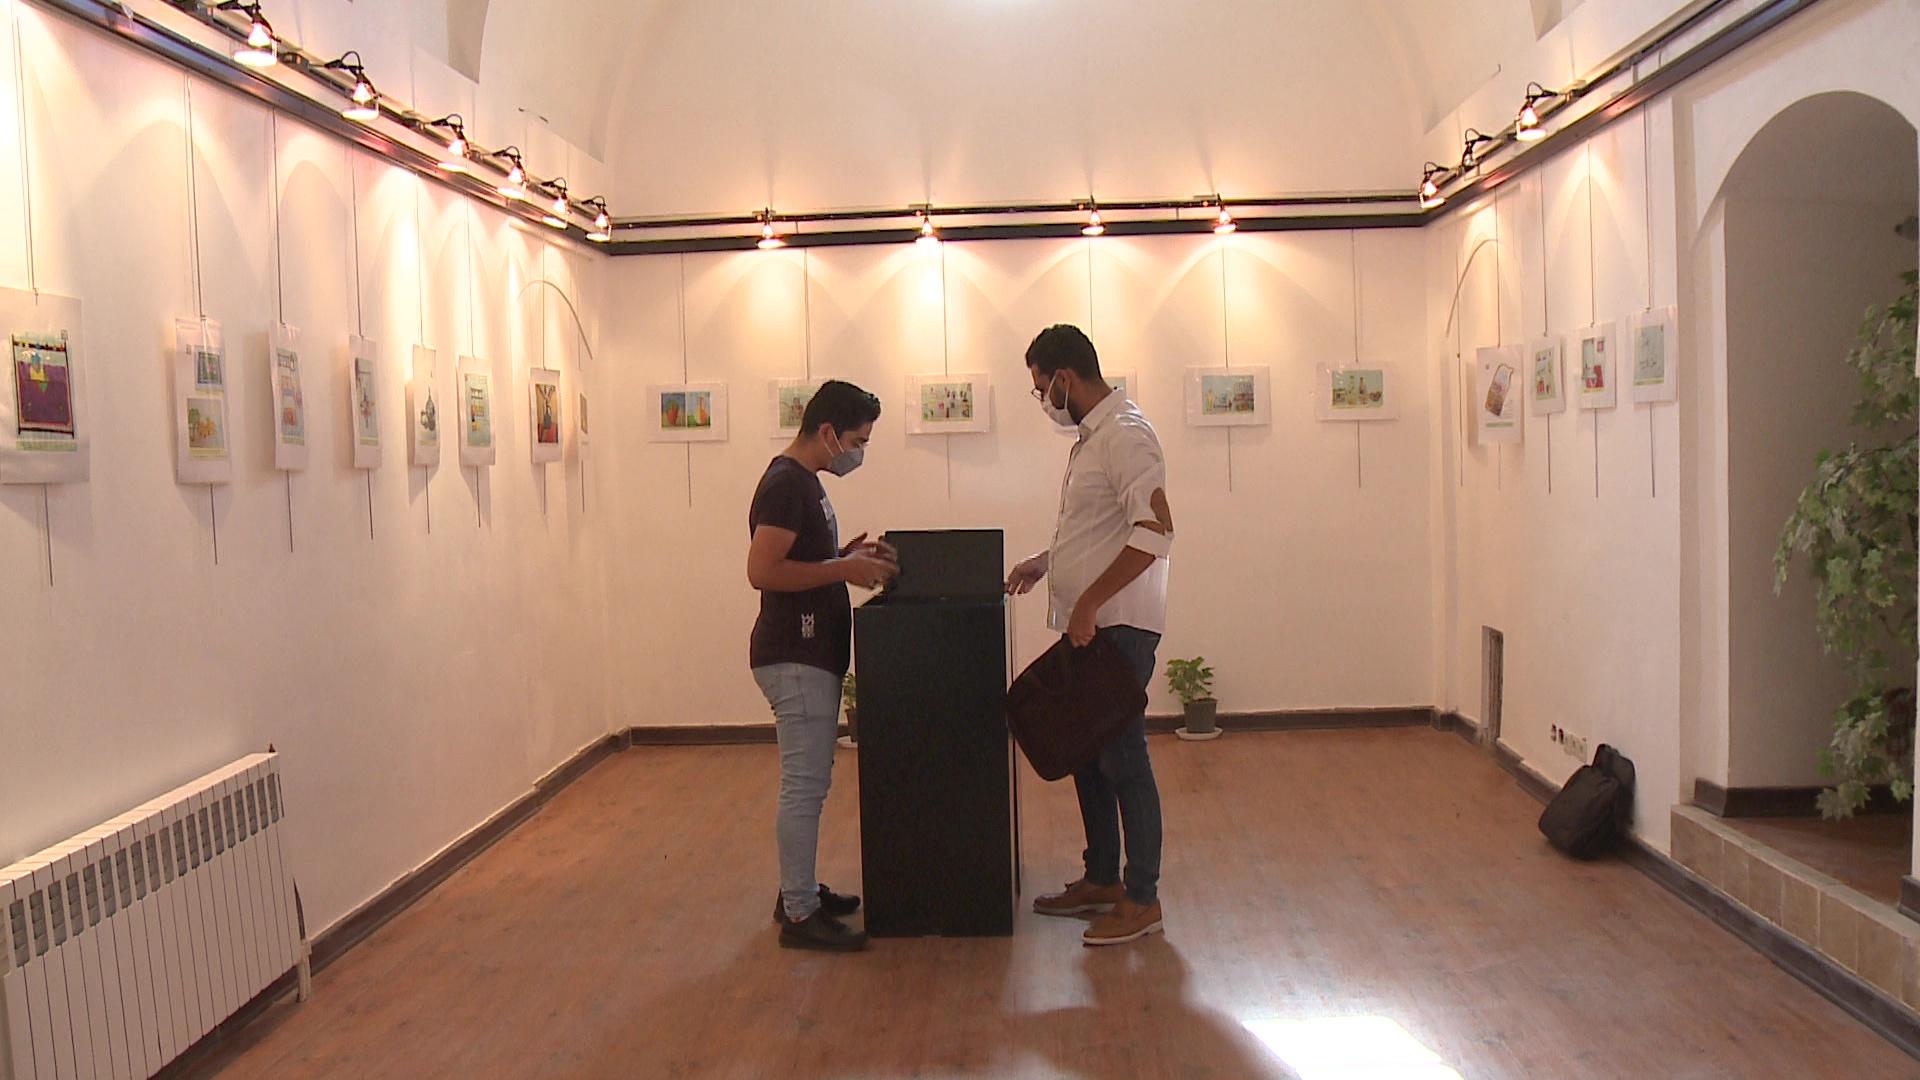 افتتاح نمایشگاه نقاشی در باغ و عمارت اکبریه